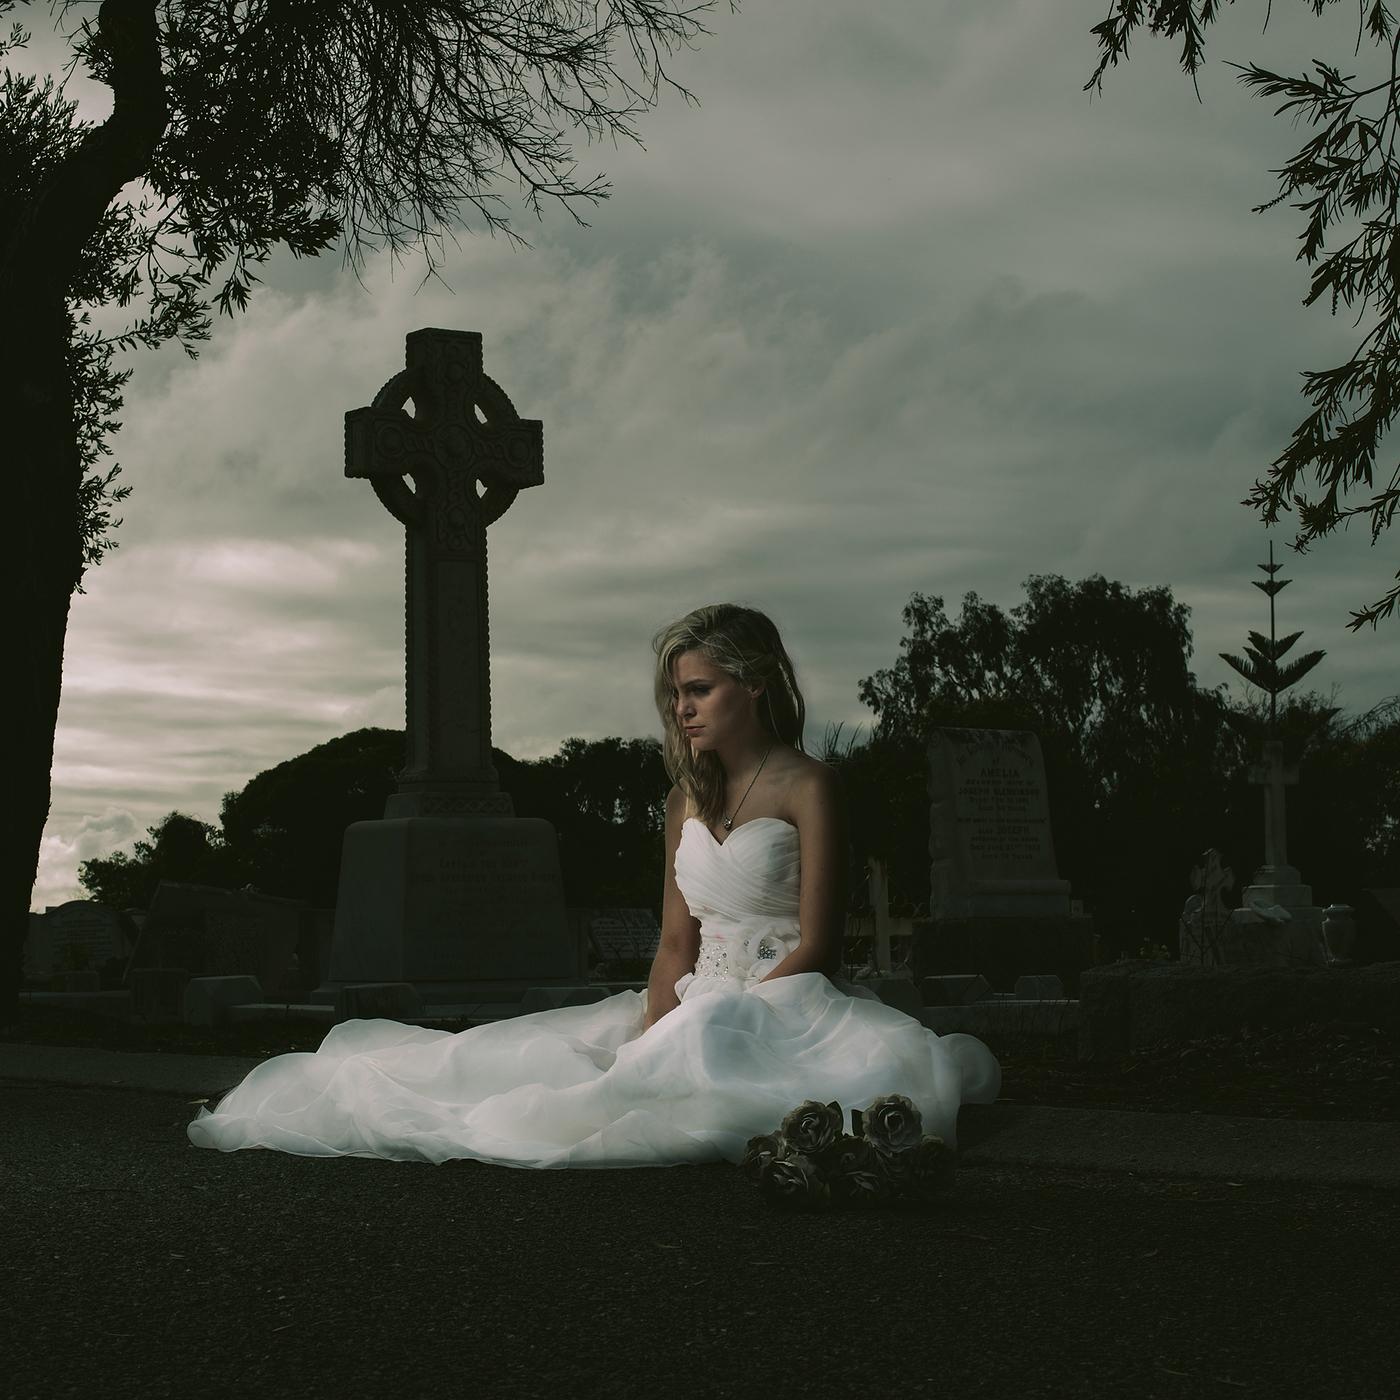 Shannon Hultgren